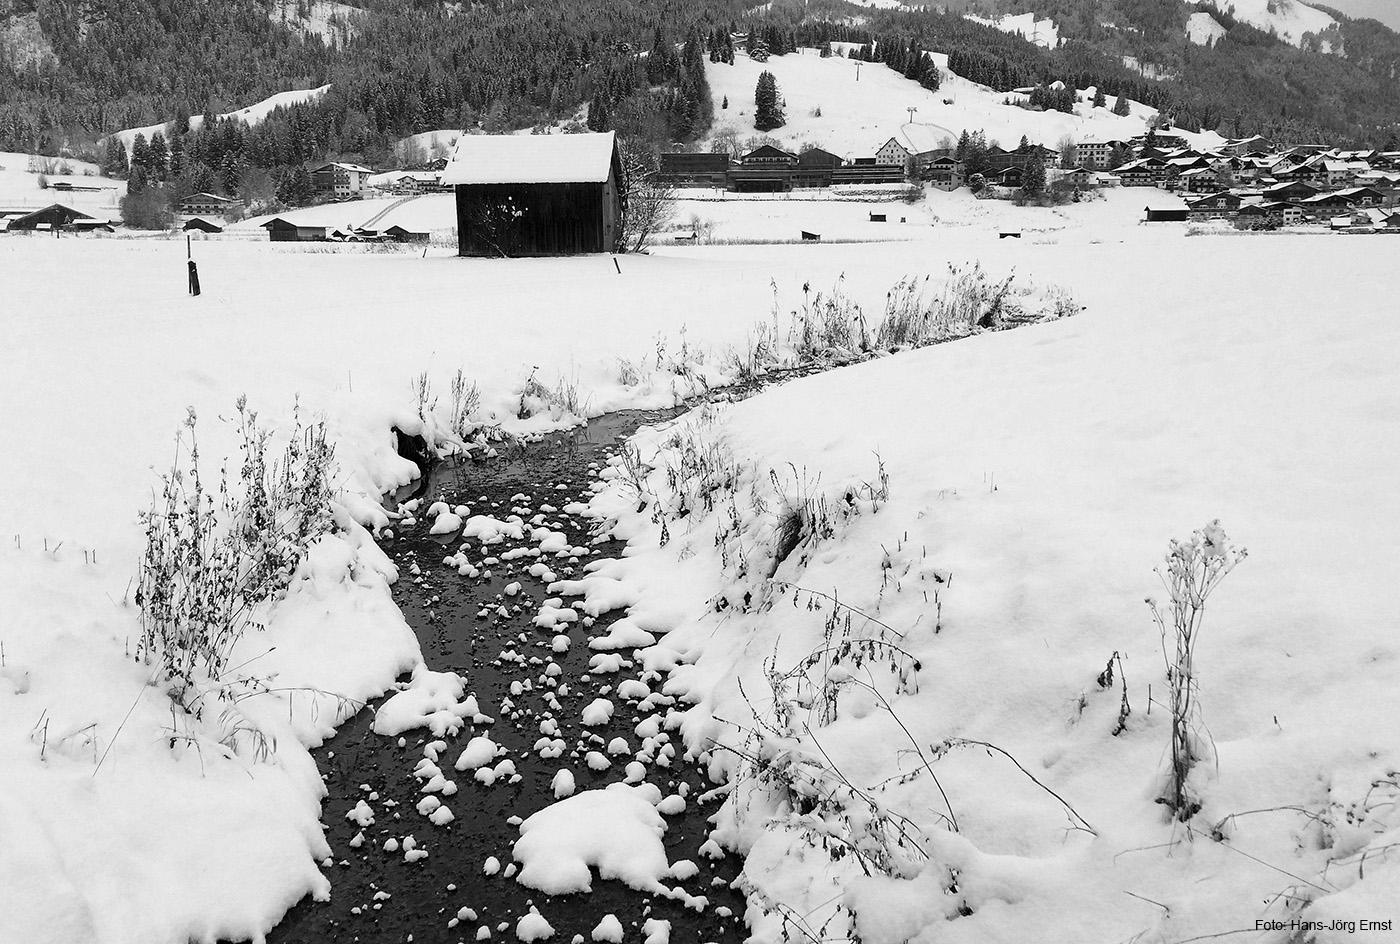 NEUSCHNEE In Lermoos kann Ende November in wenigen Stunden viel Schnee fallen. Die Wiesen, die dann am Morgen noch grün waren, sind am frühen Nachmittag schon in mehrere Zentimeter Schnee eingehüllt.